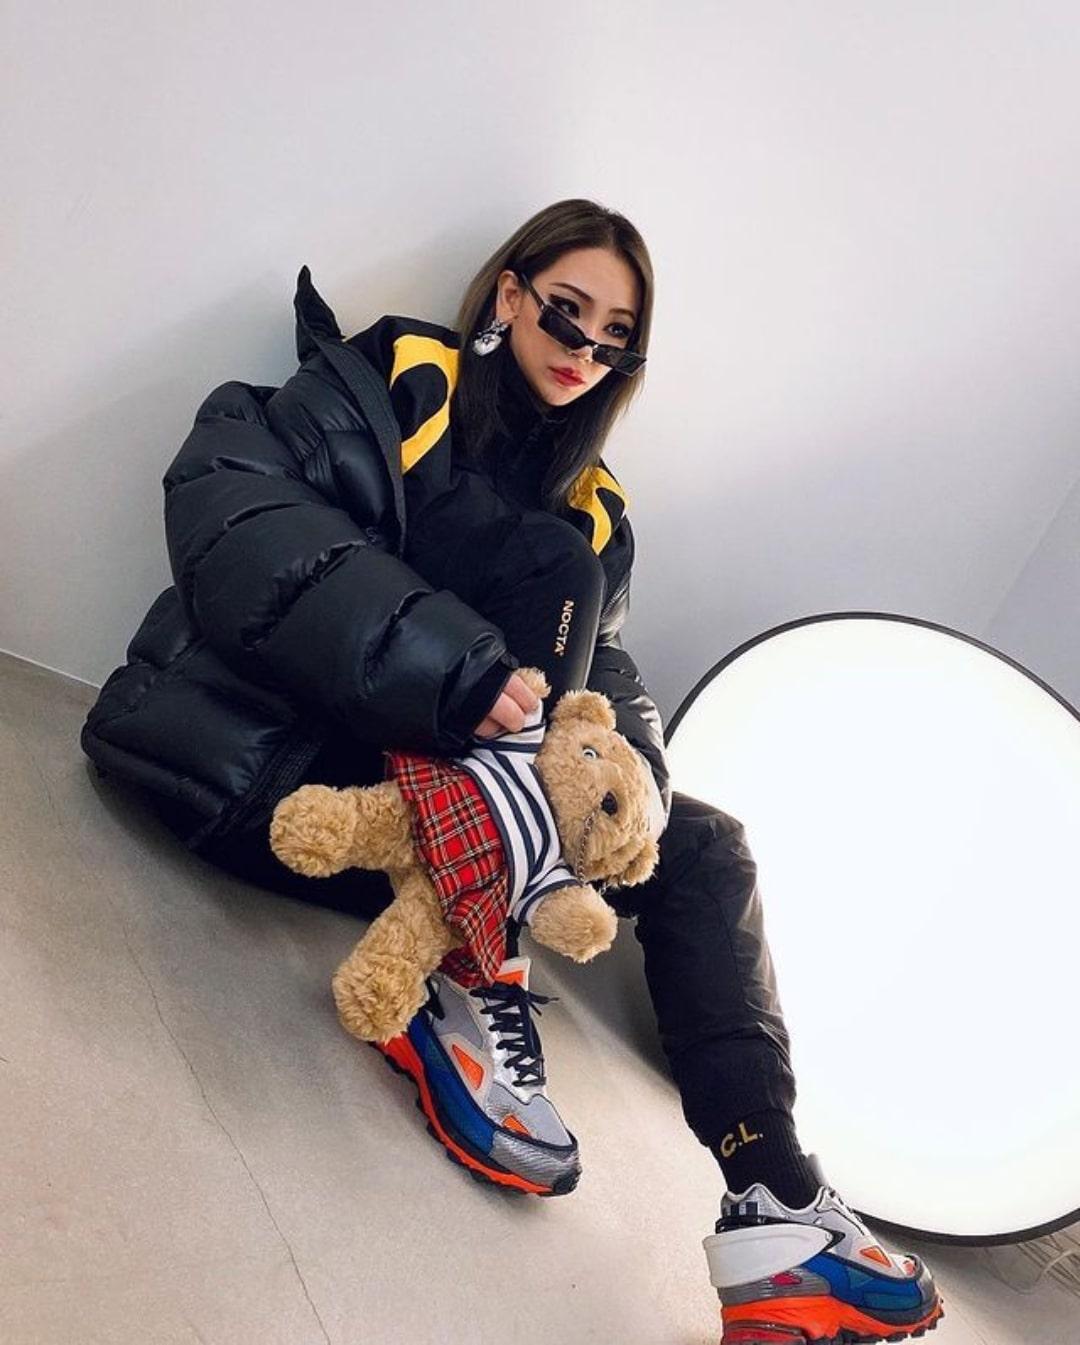 CL, Tablo y otros artistas del K-pop se pronuncian sobre los ataques racistas en contra de los asiáticos